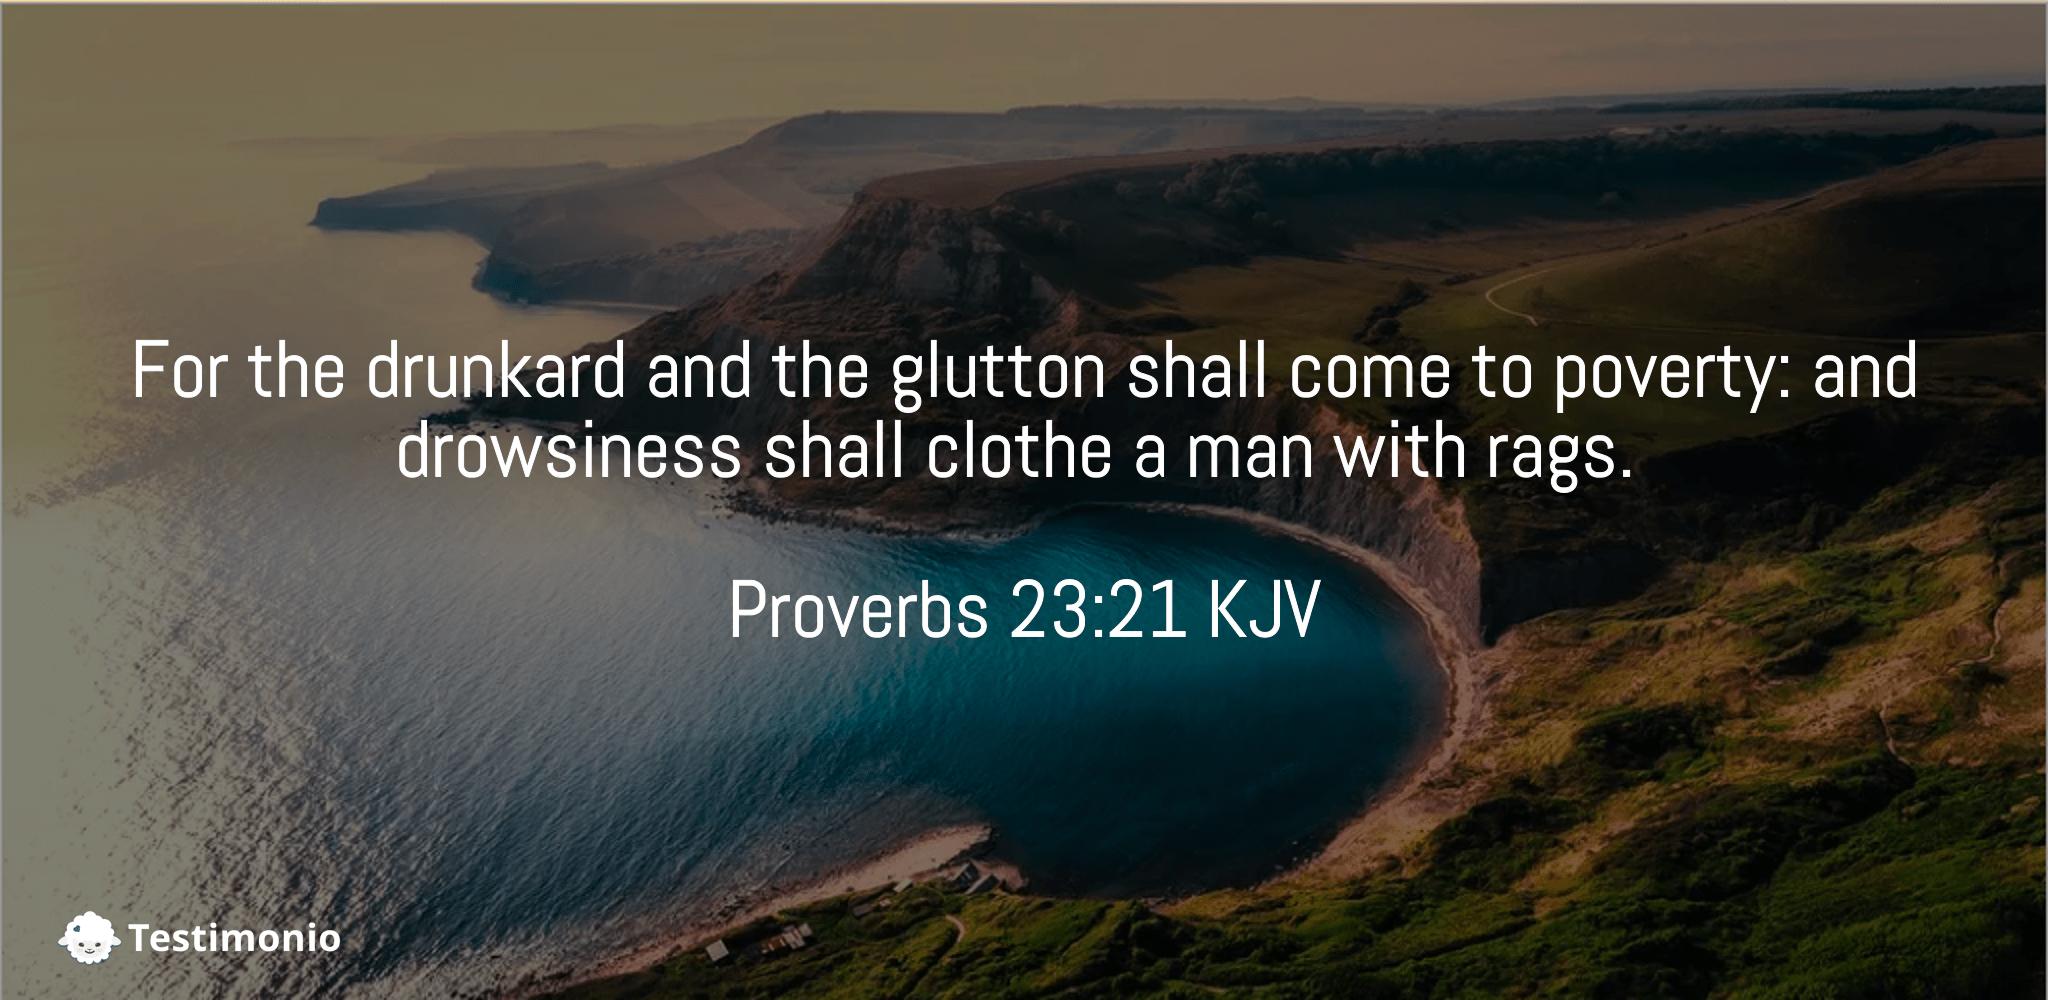 Proverbs 23:21